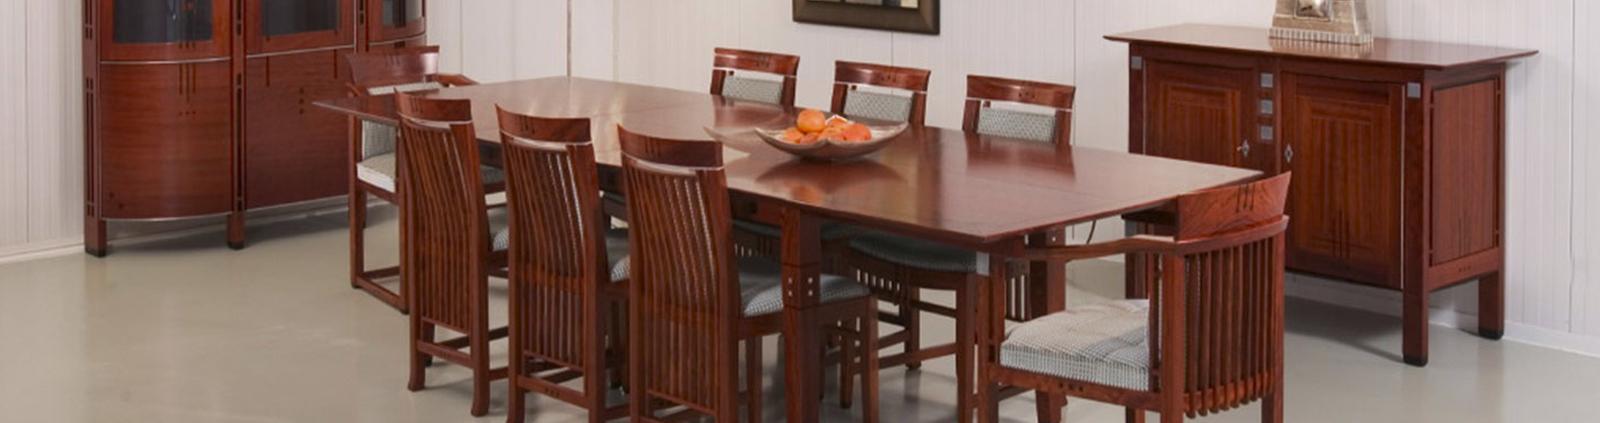 Kersenhouten tafel Banner Image